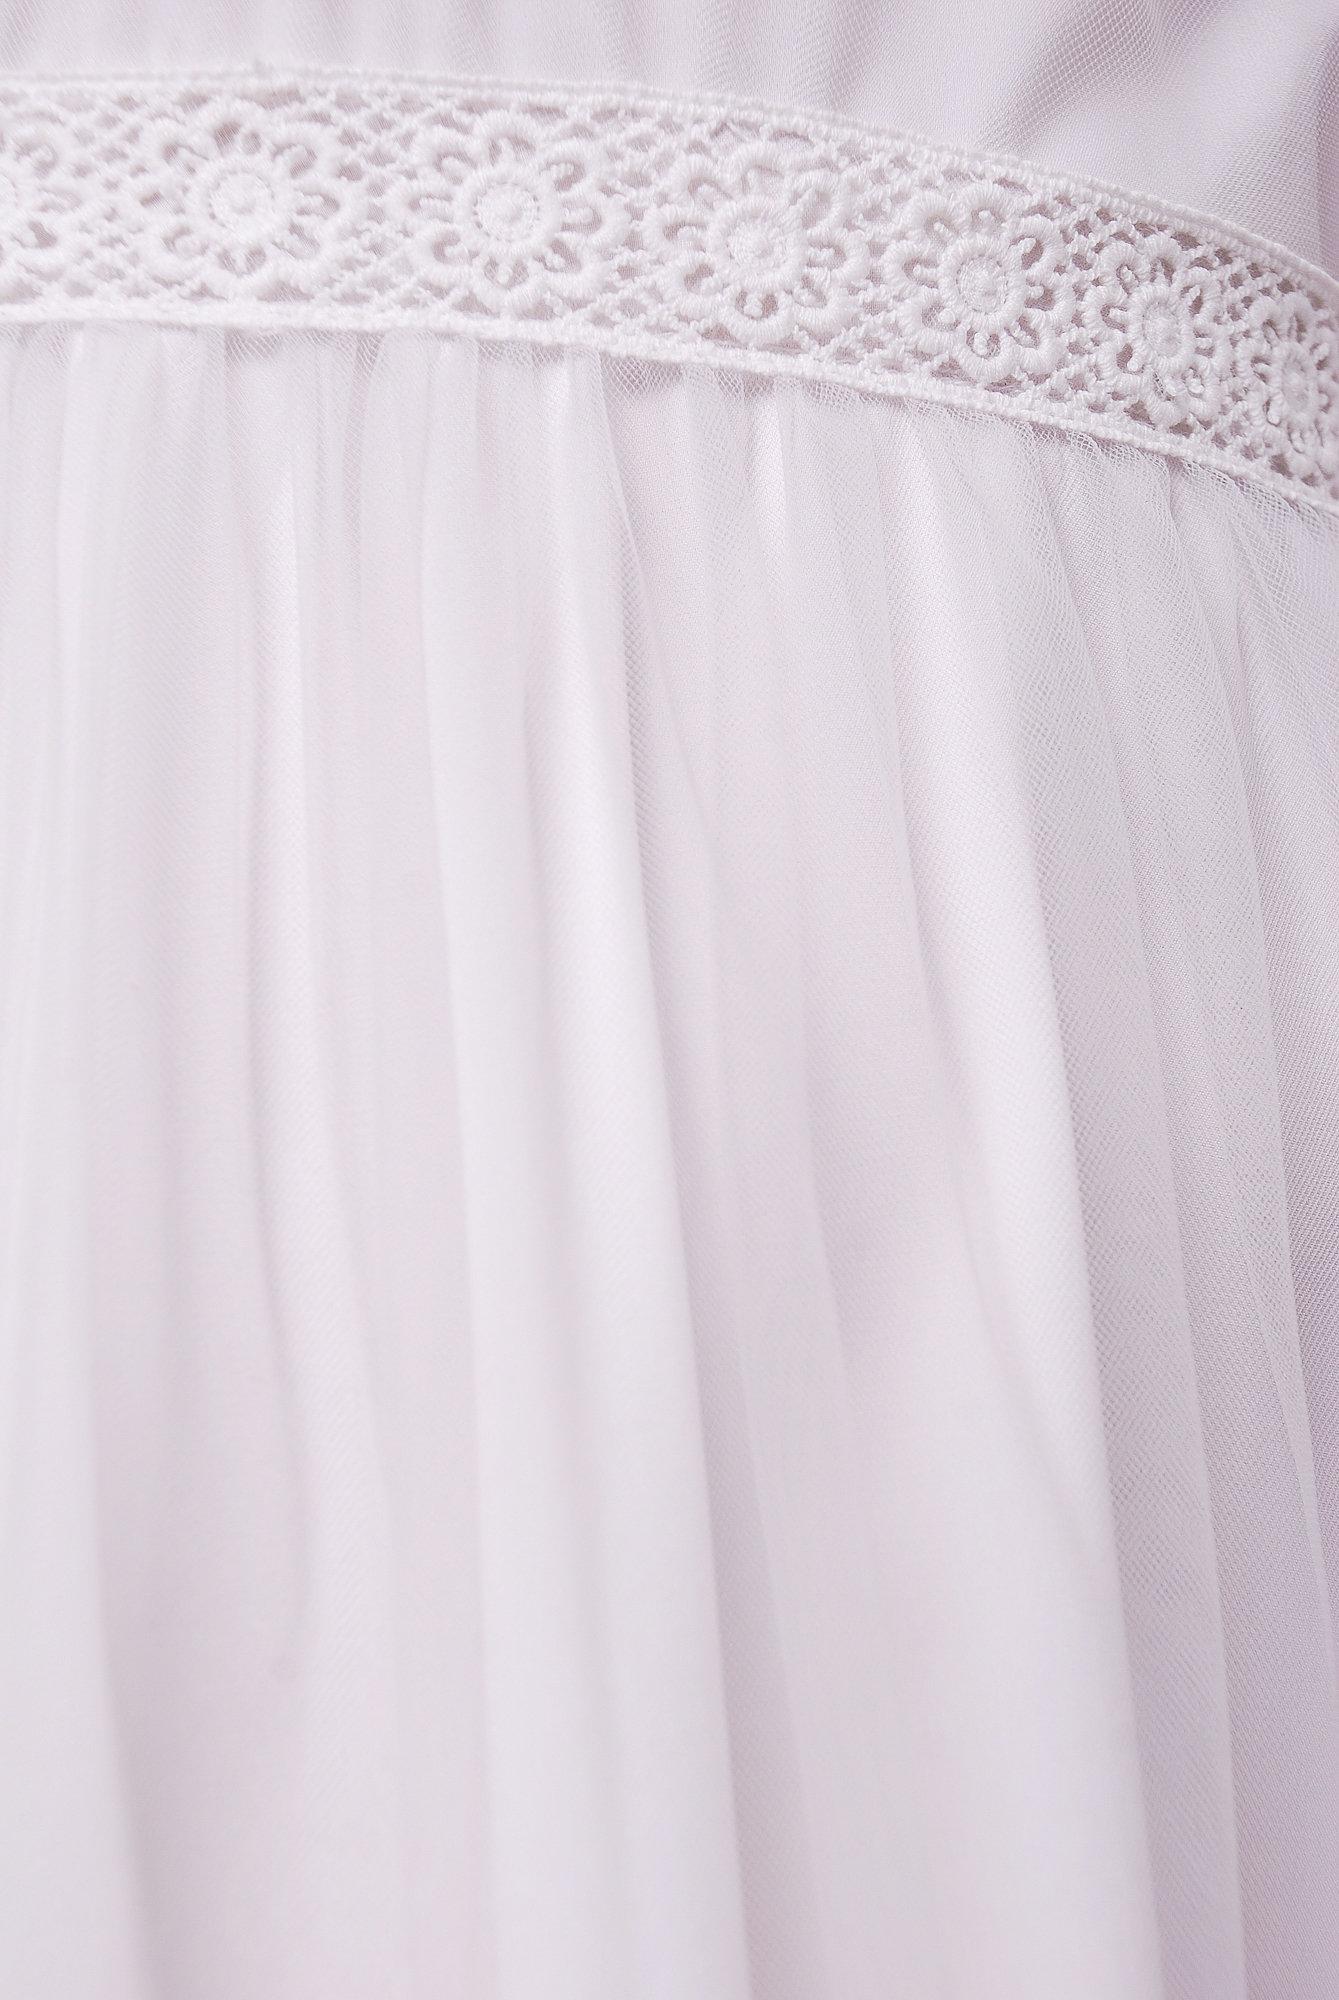 Платье Василиса 3171 АРТ. 16362 Цвет: Молоко - фото 2, интернет магазин tm-modus.ru